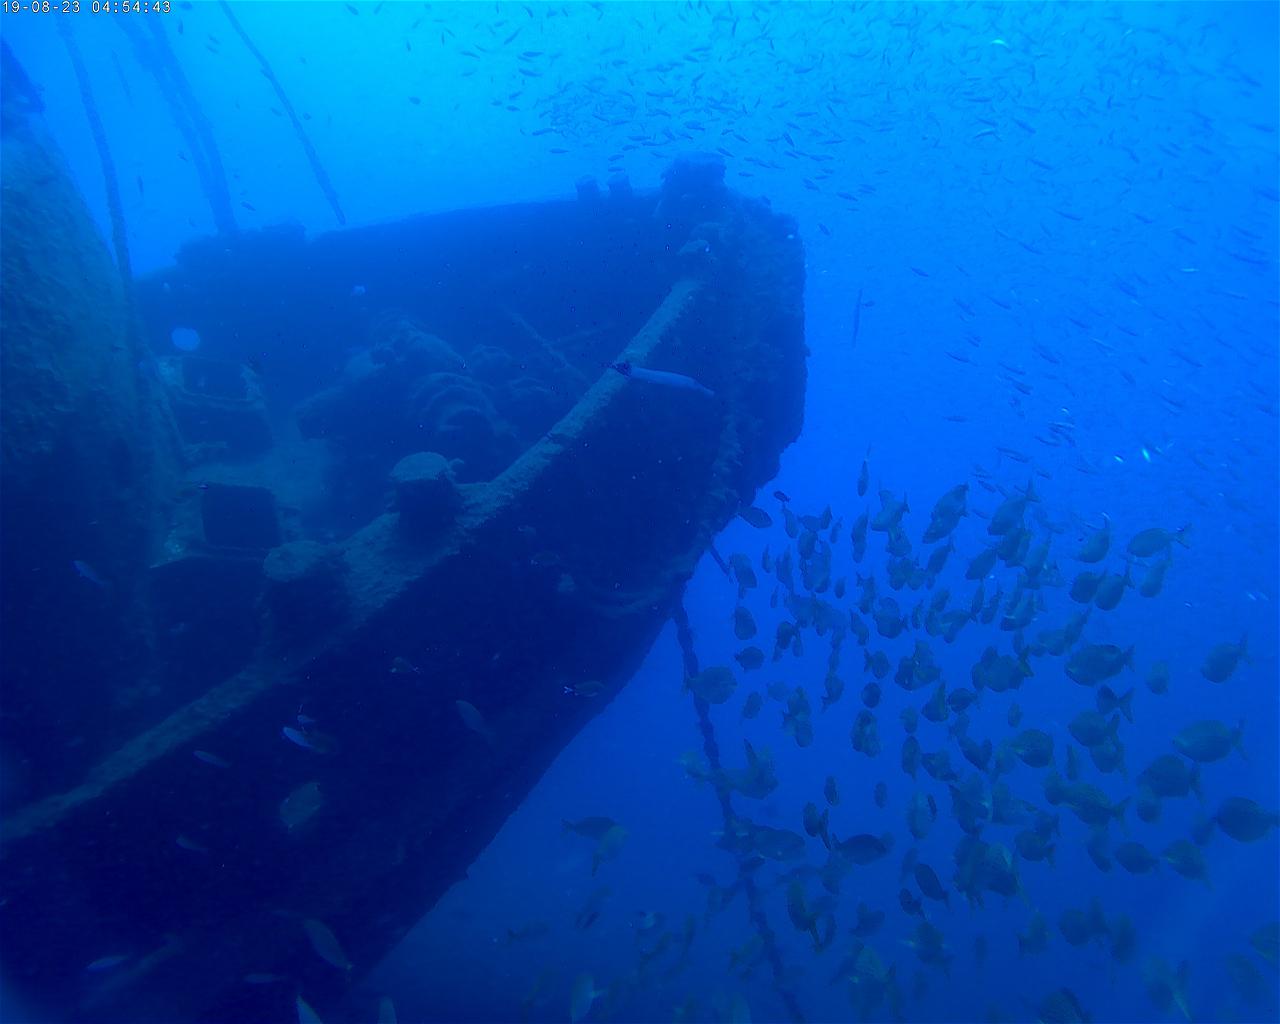 El Peñon (Wreck)